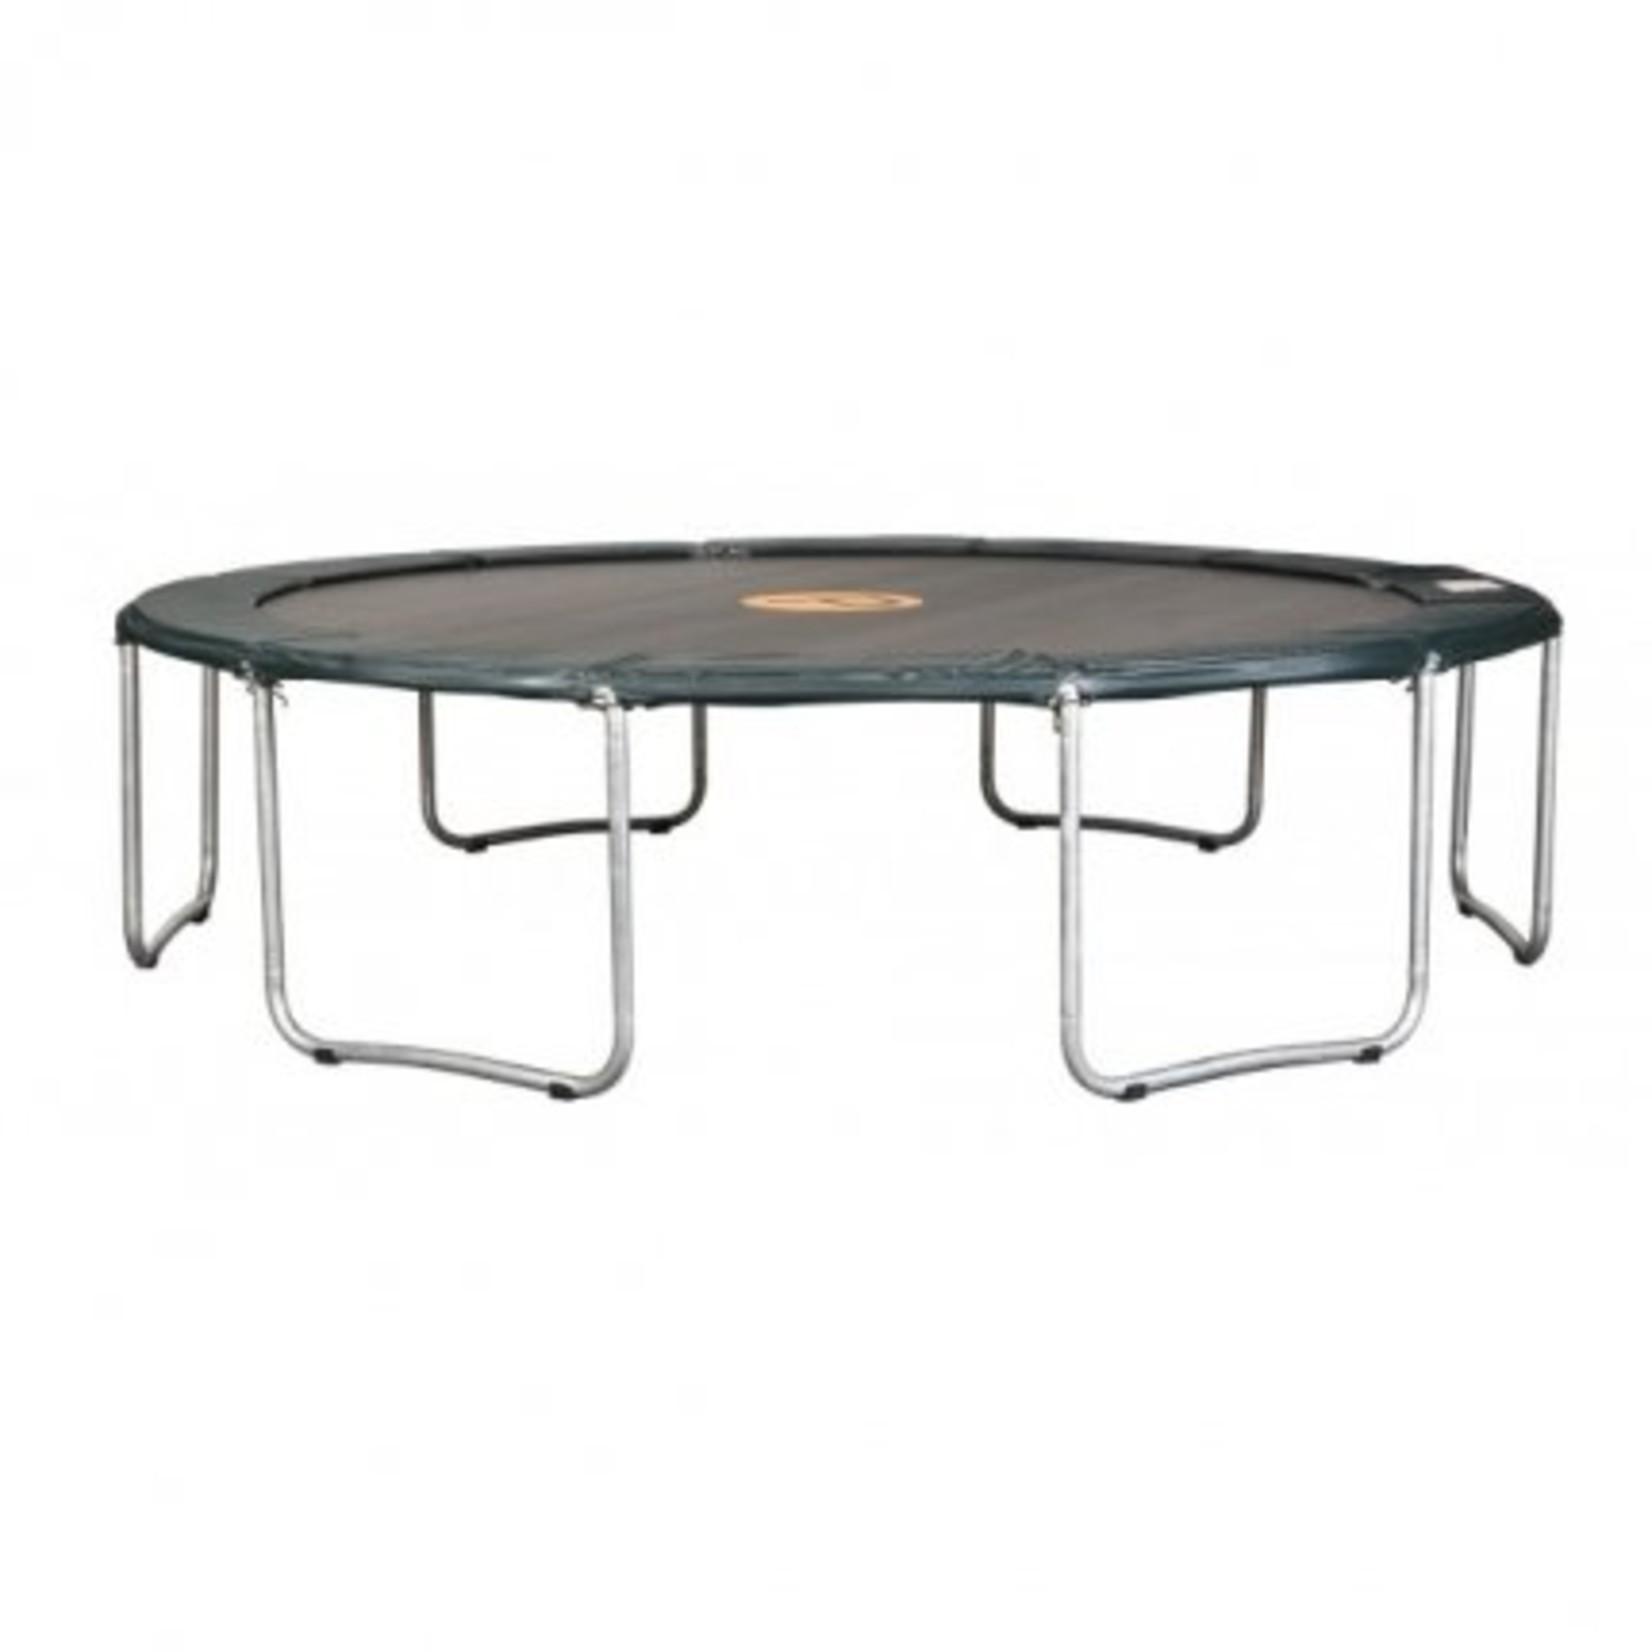 Avyna Een standaard trampoline met een zéér goede prijs/kwaliteit verhouding.Doorsnee 365cm en 90cm hoog.